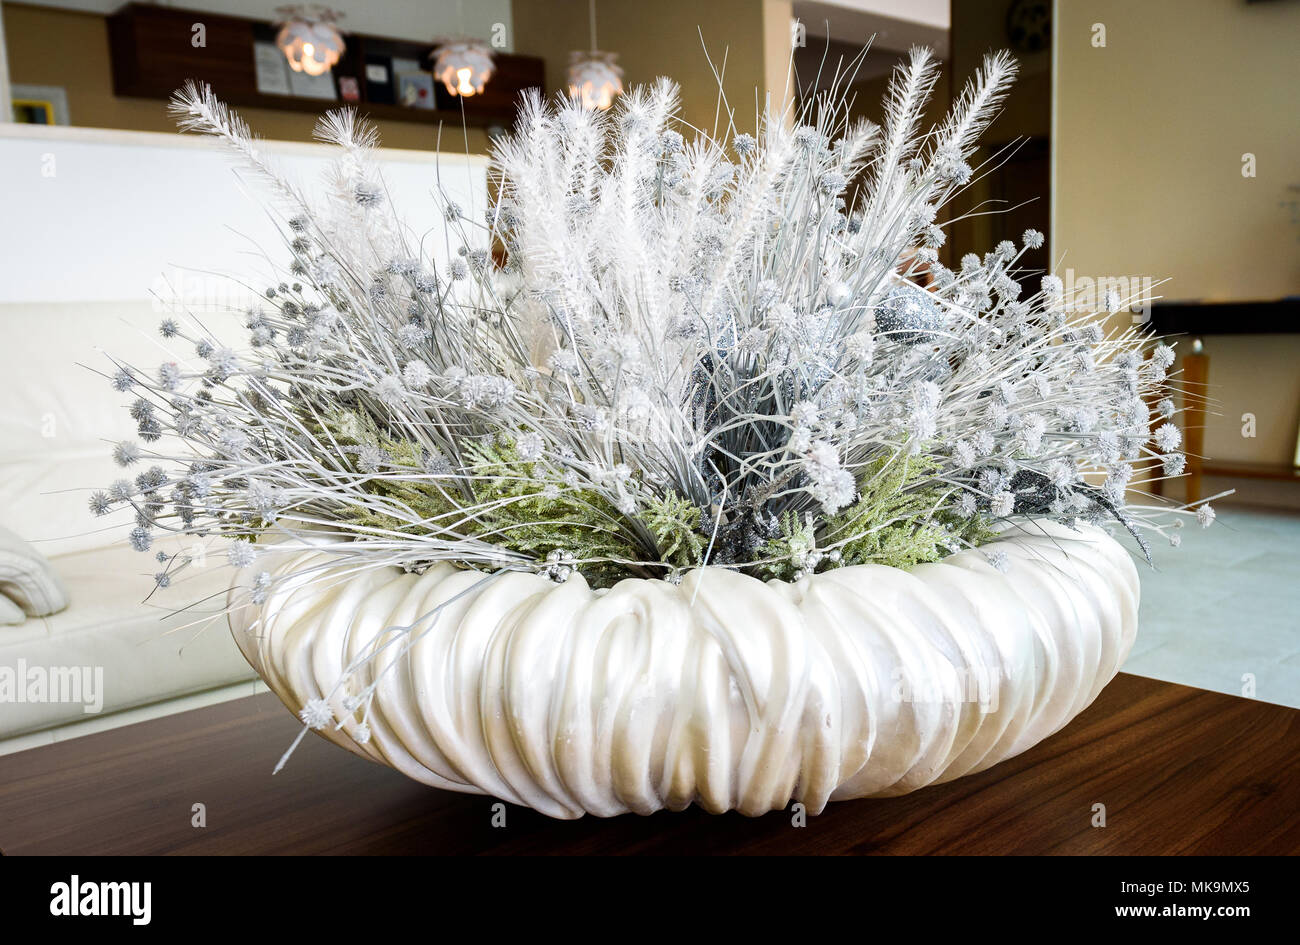 Blumen Weiss Tischdekoration In Der Hotel Lobby Rezeption Zimmer